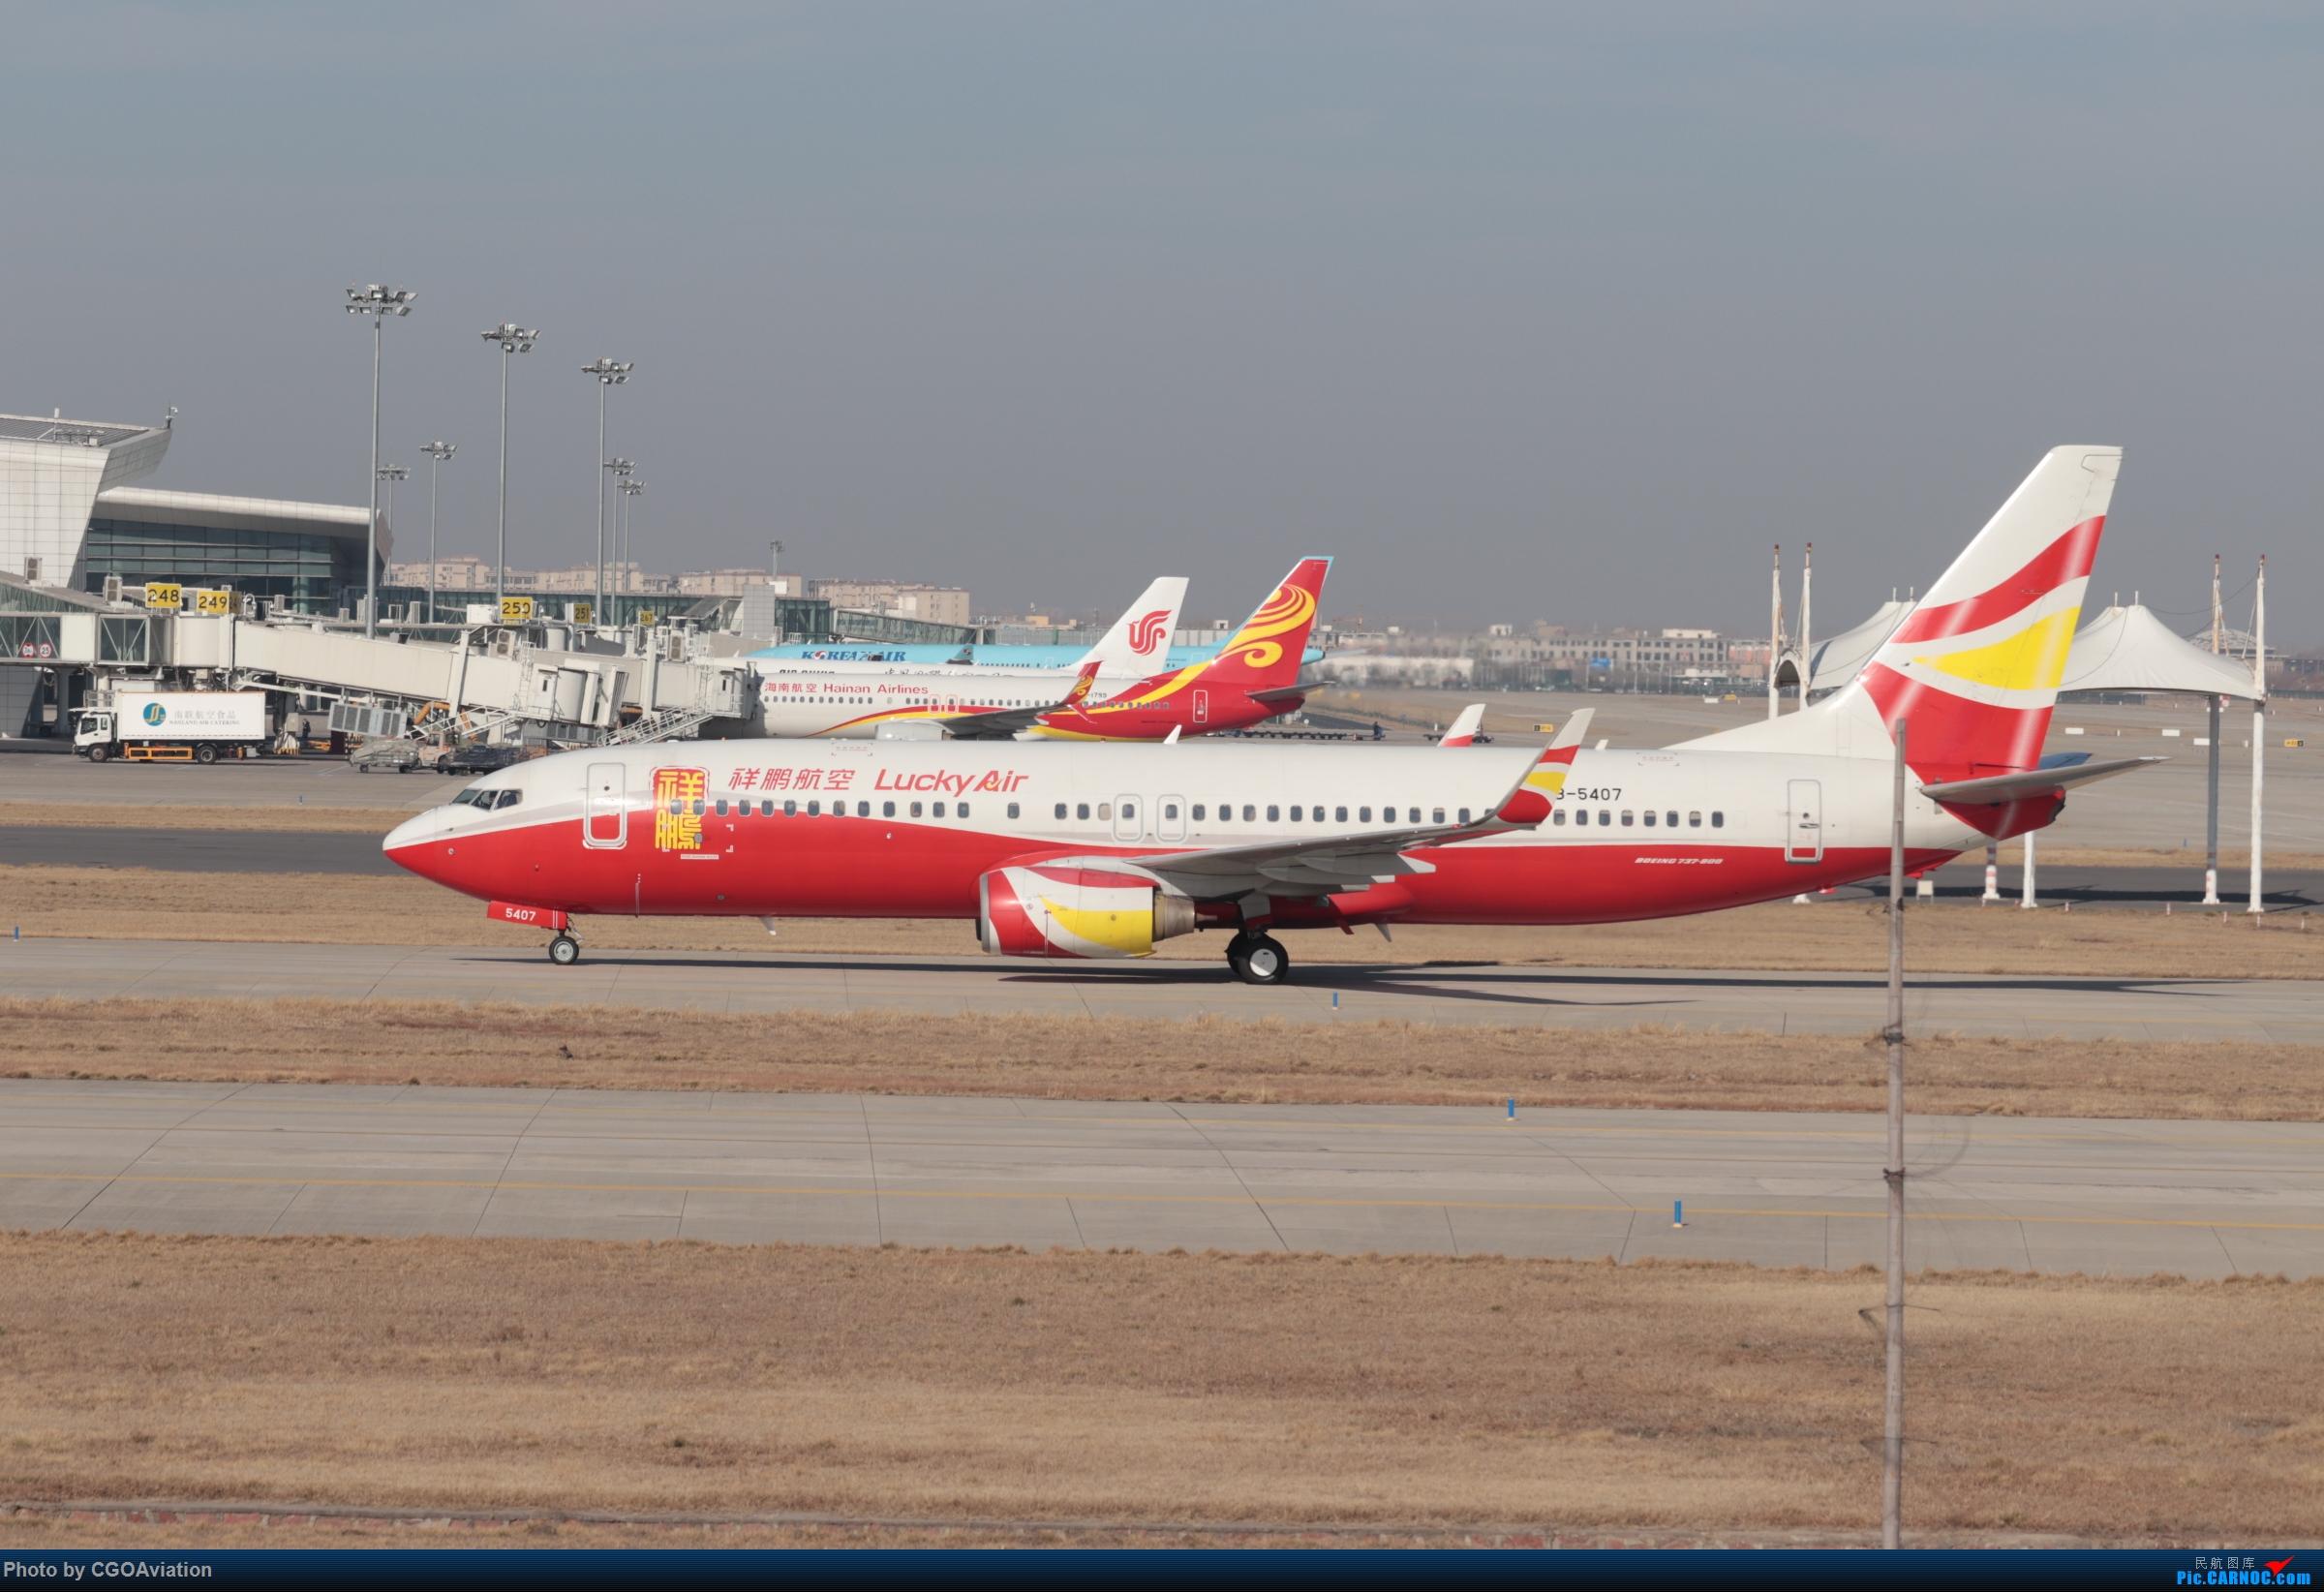 Re:[原创]CGO萌新 BOEING 737-800 B-5407 中国郑州新郑国际机场